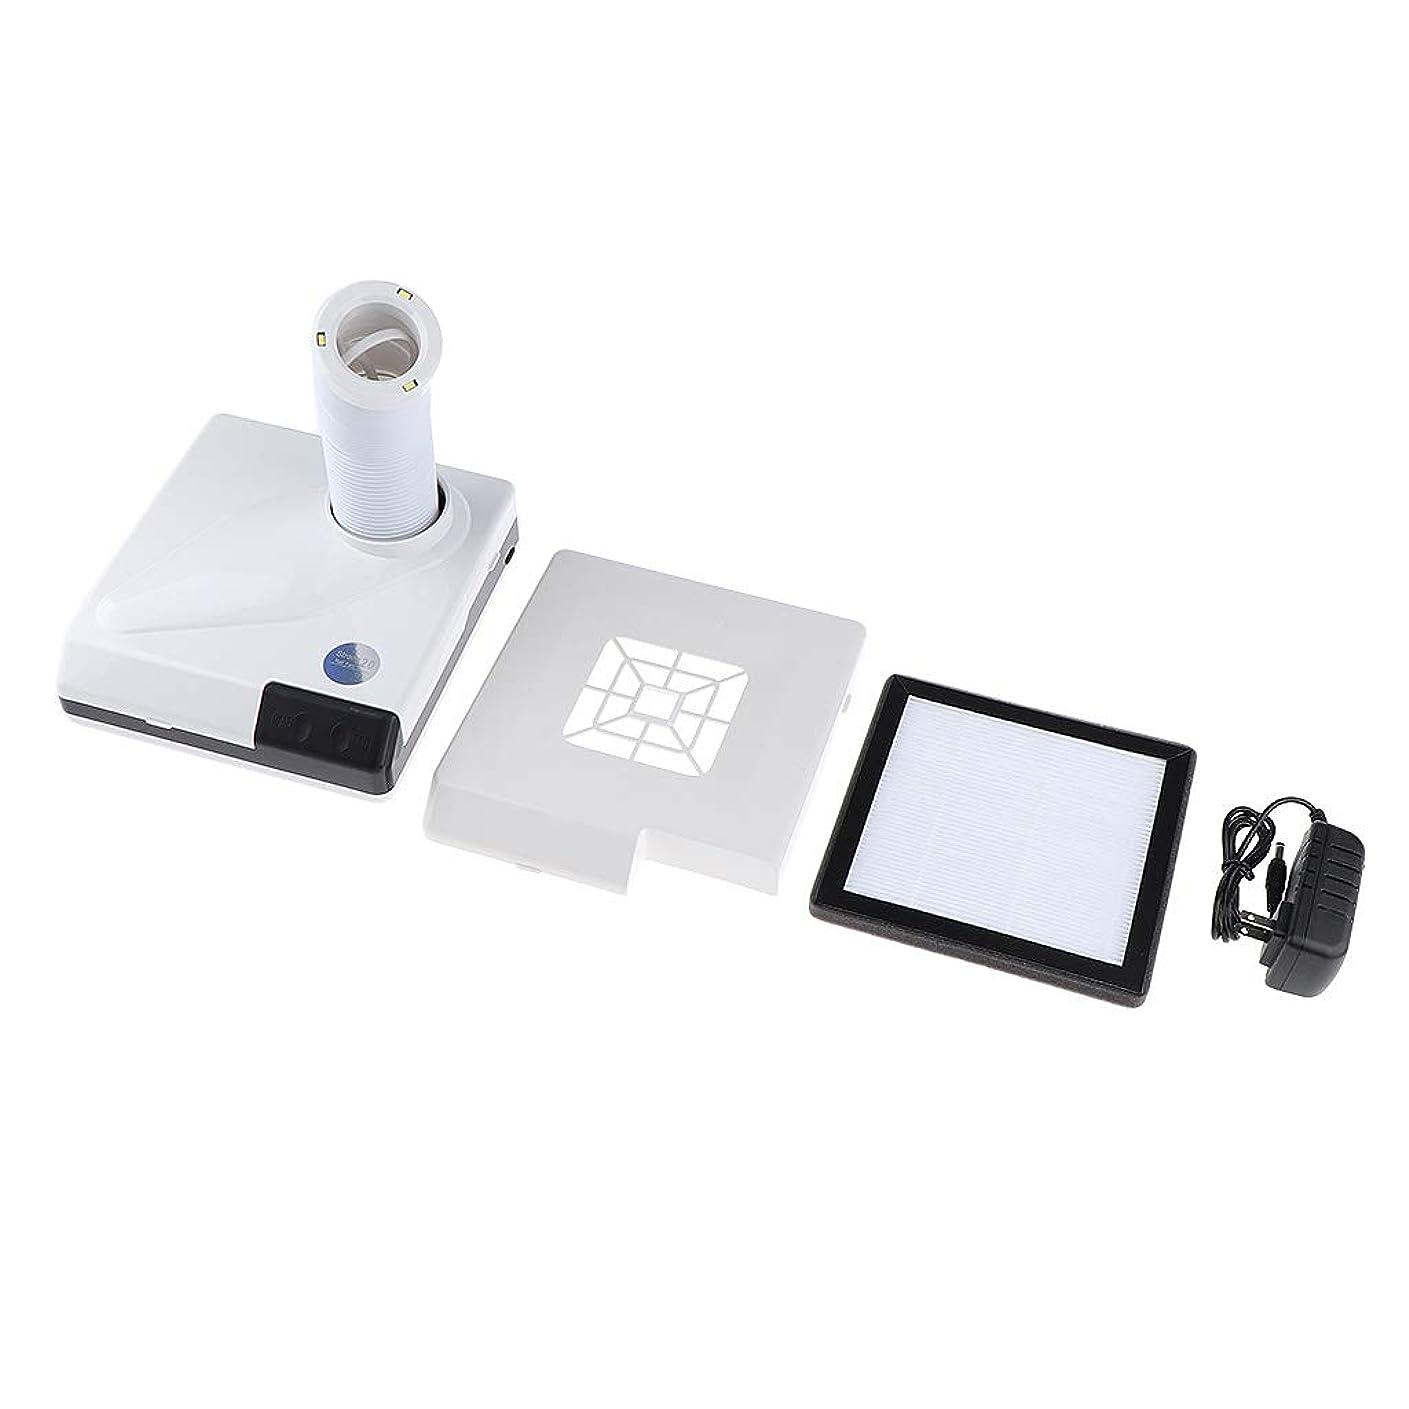 重荷イタリックアドバイスCUTICATE 60W ネイルダストコレクター ネイルサロン ダストコレクター 全2色 - 白